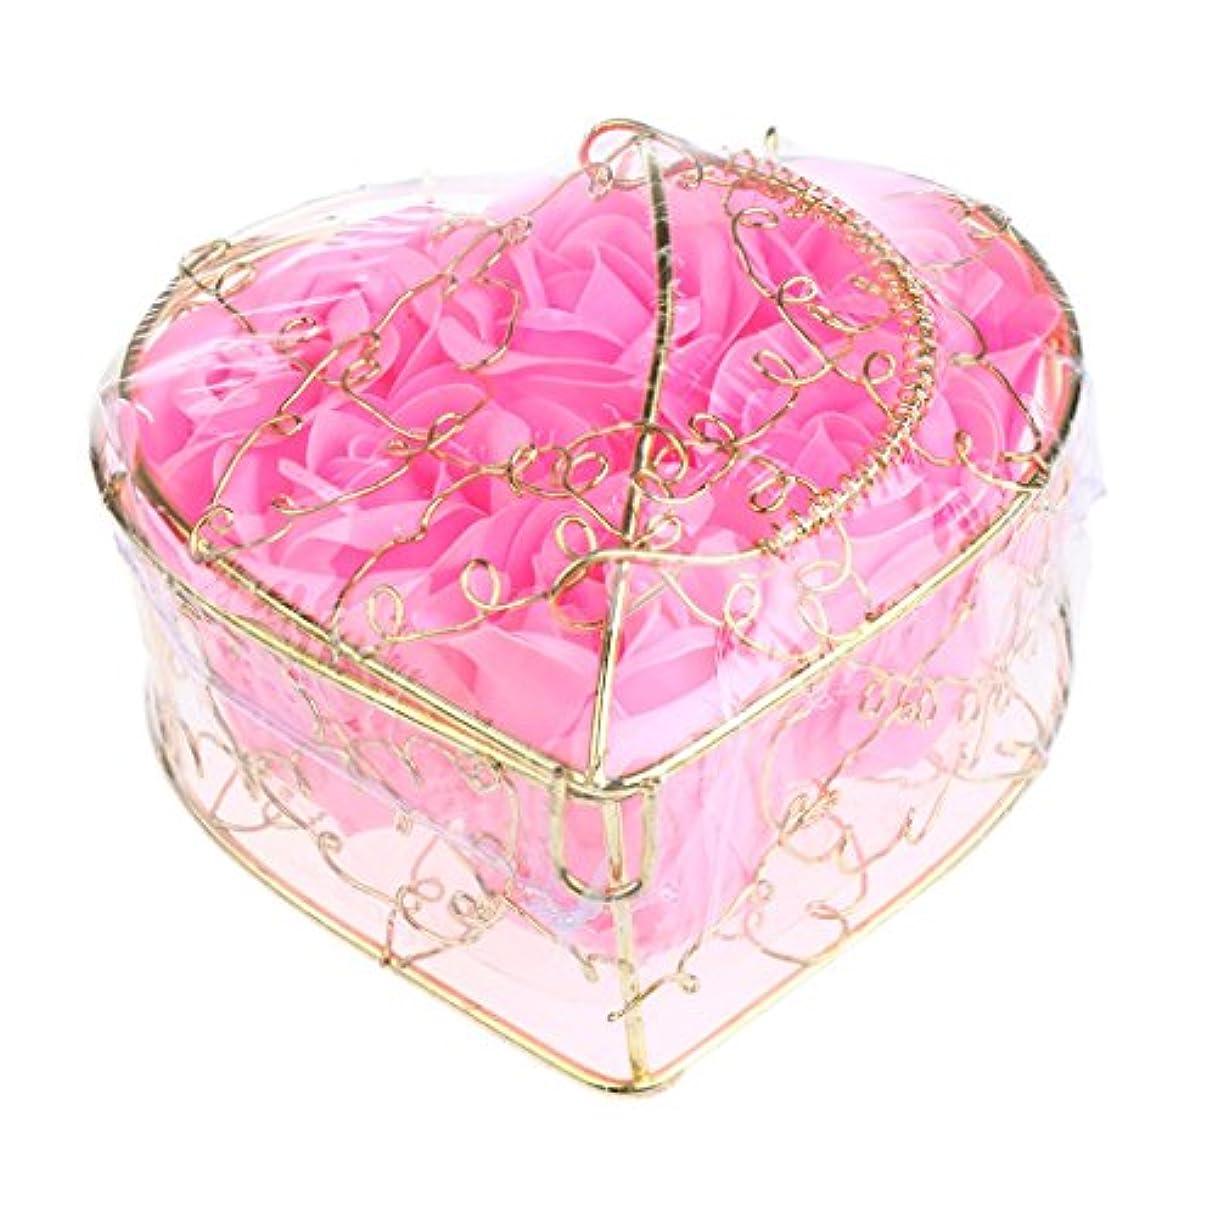 検証浸す事件、出来事6個 ソープフラワー 石鹸の花 バラ 薔薇の花 ロマンチック 心の形 ギフトボックス 誕生日 プレゼント 全5仕様選べる - ピンク